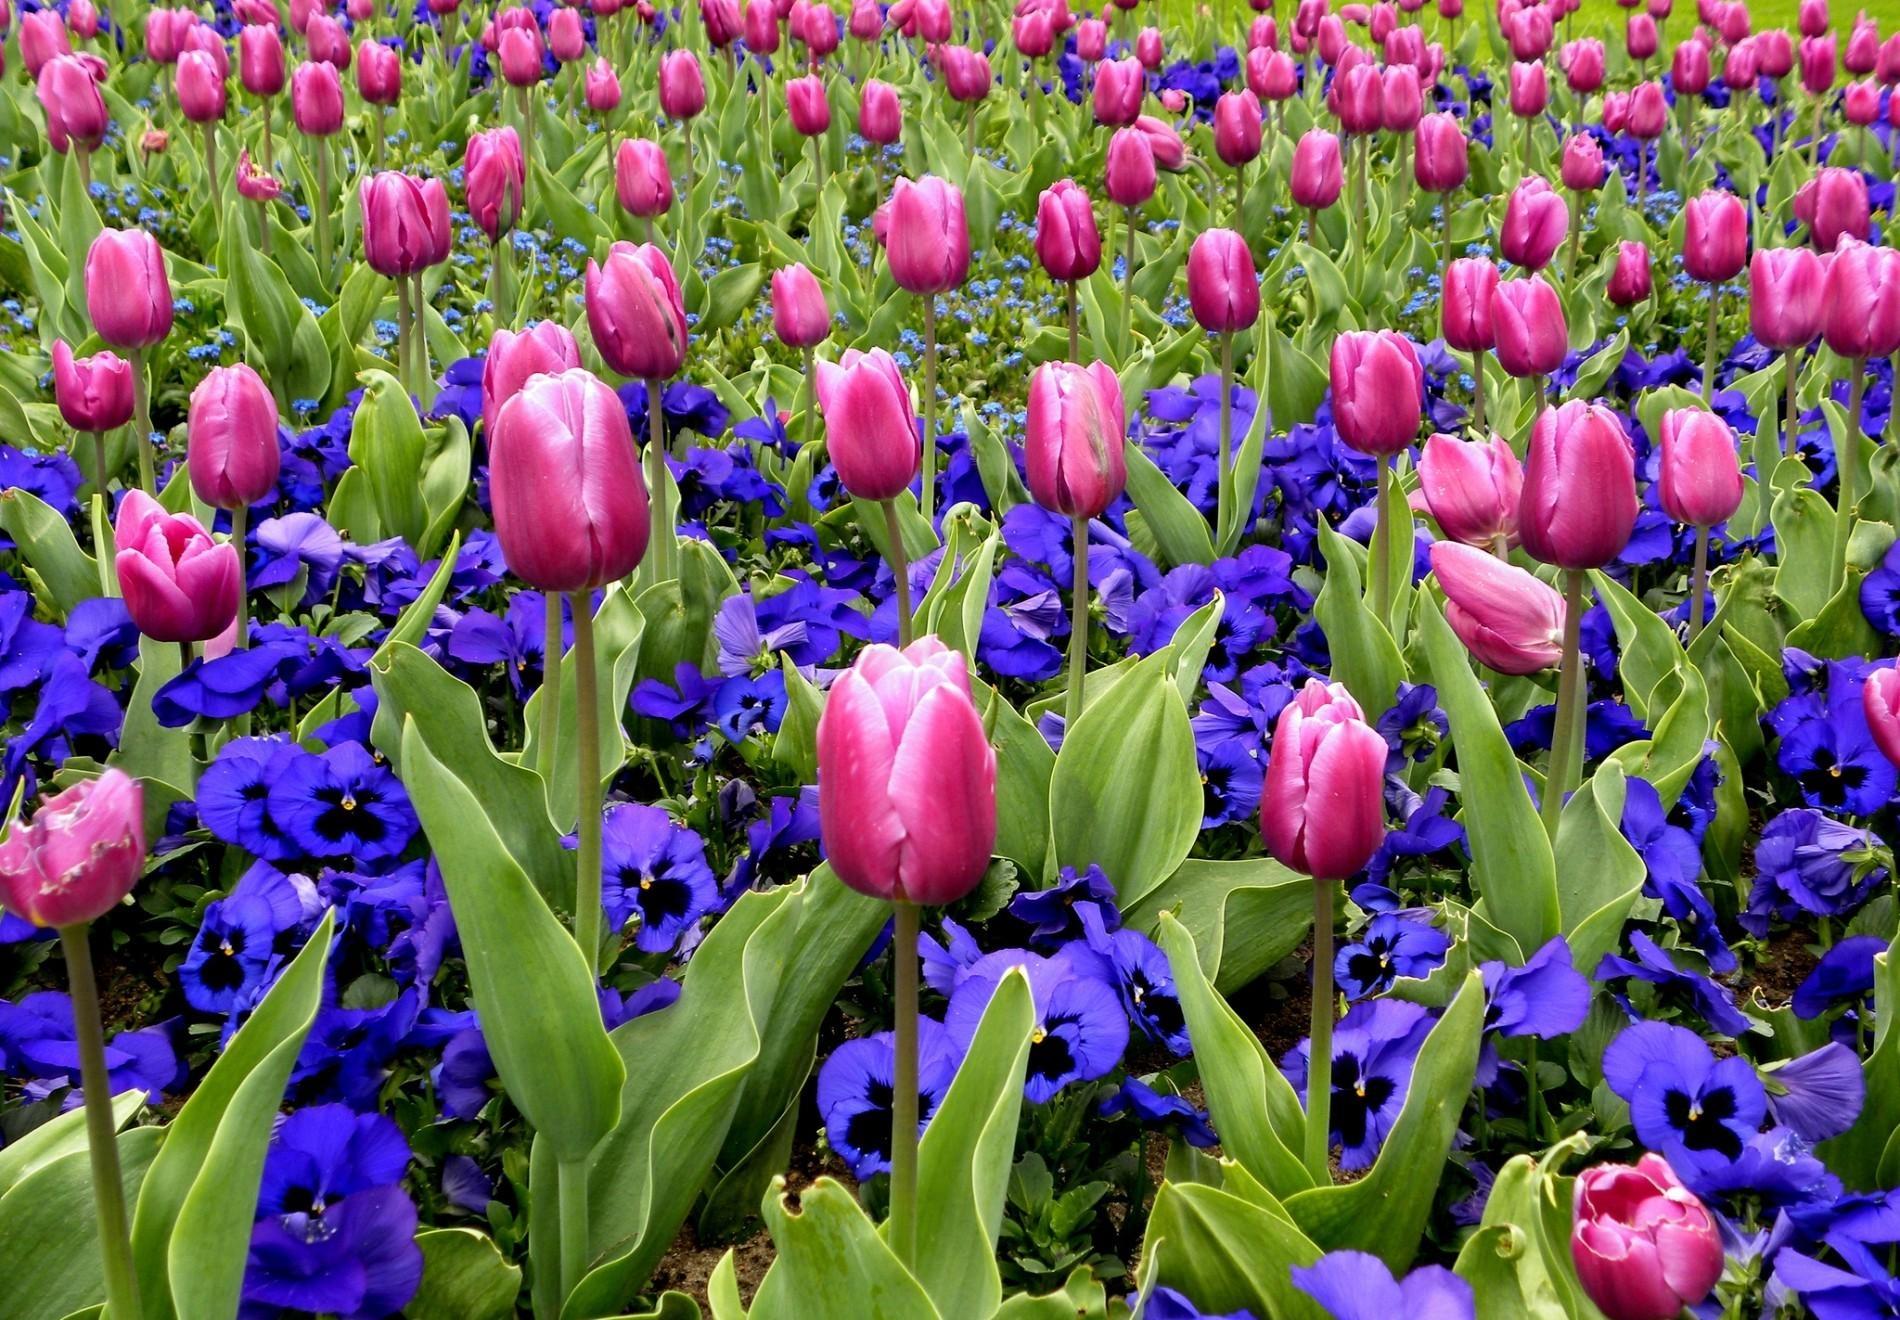 98900 Заставки и Обои Анютины Глазки на телефон. Скачать Цветы, Анютины Глазки, Тюльпаны, Клумба, Весна картинки бесплатно